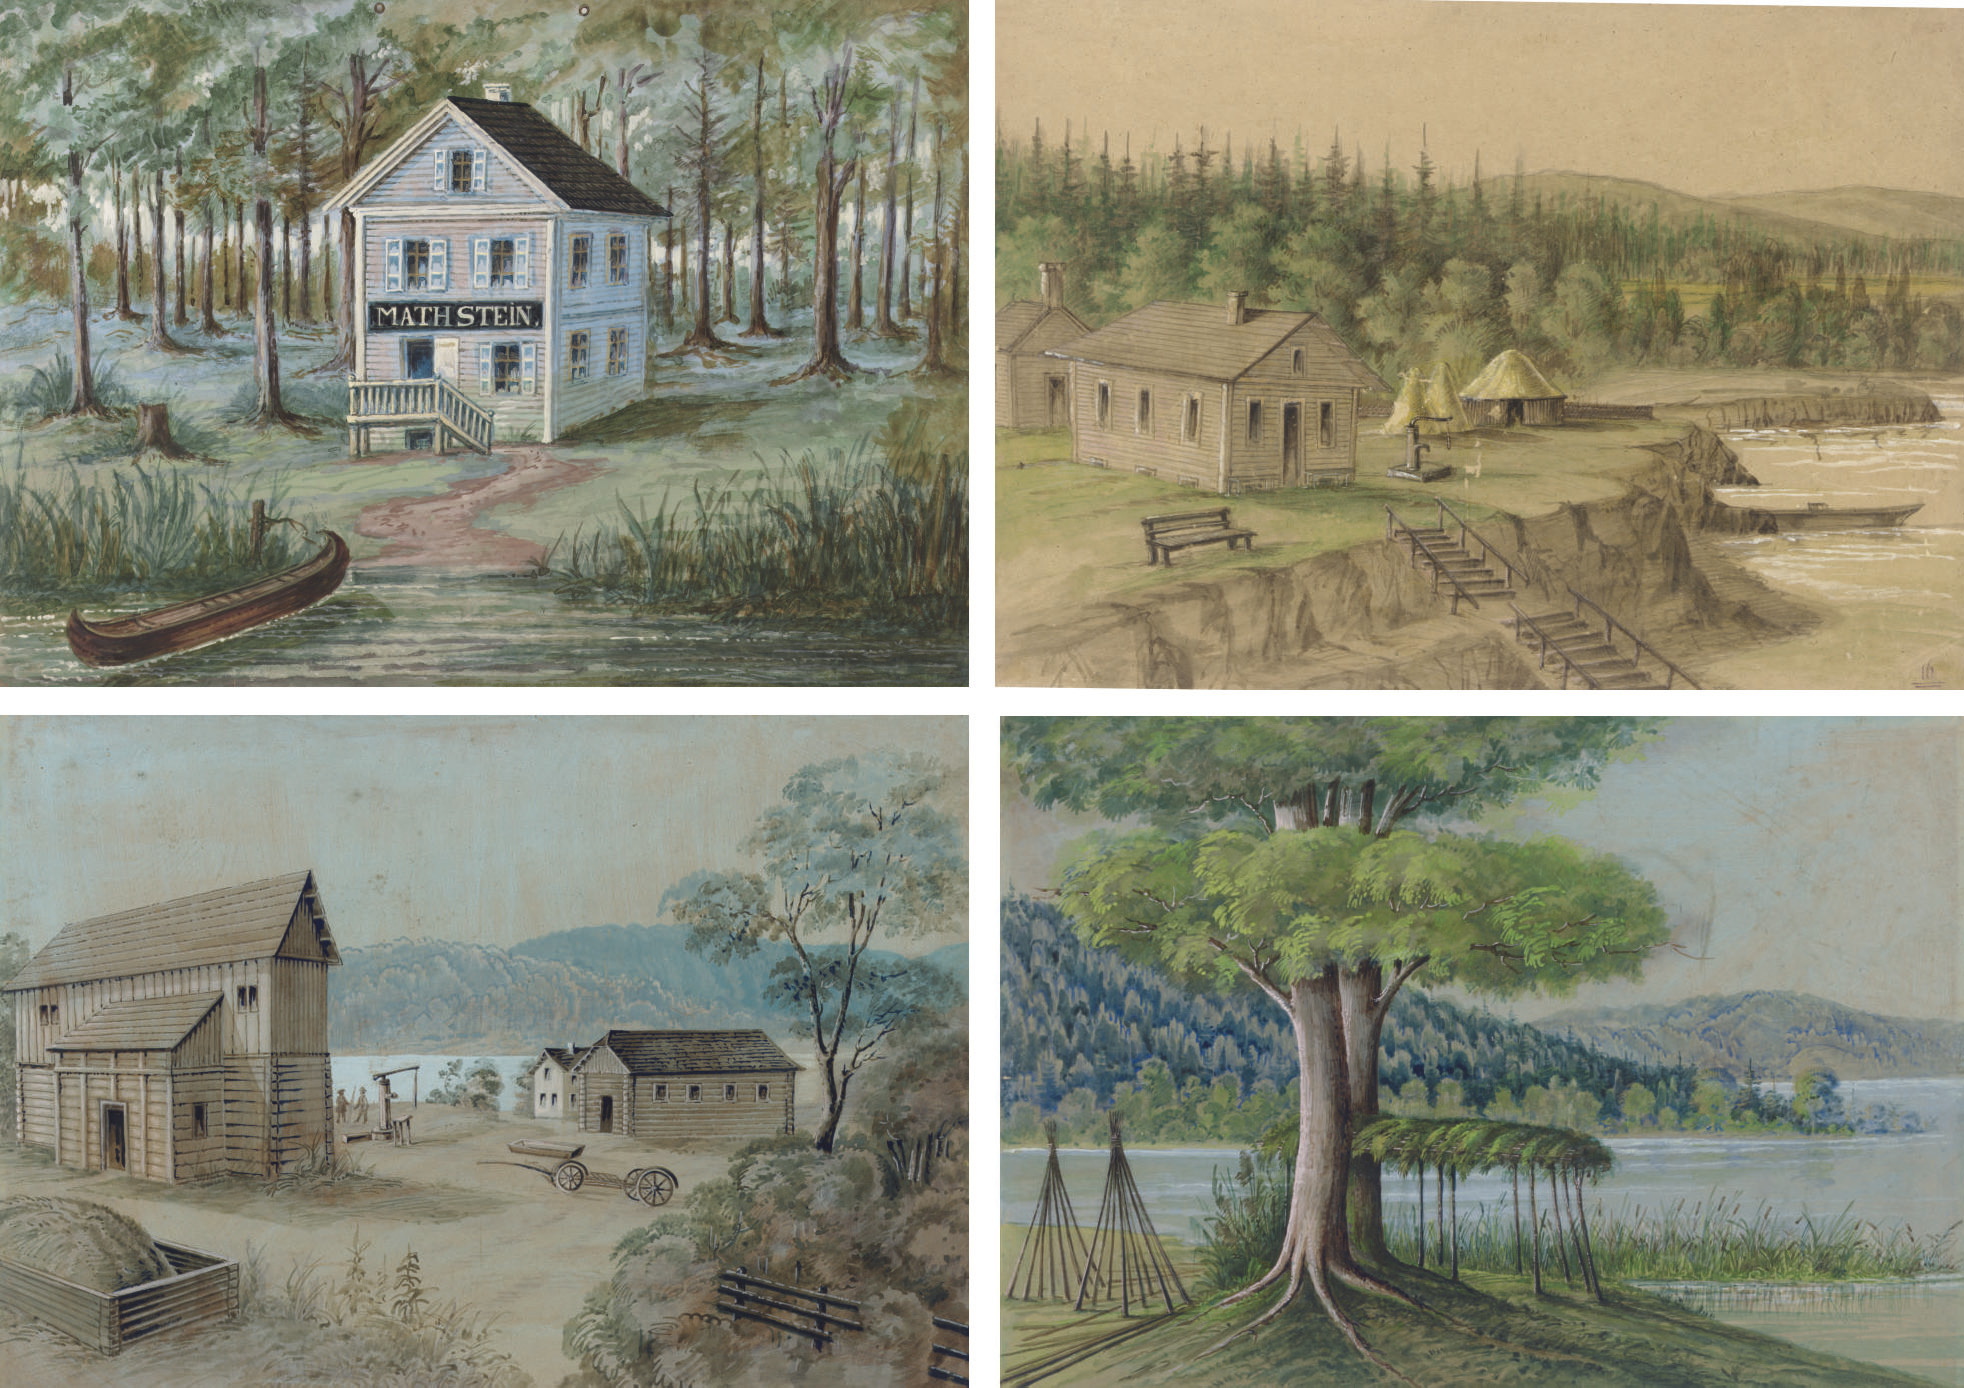 Franz Holzlhuber (1820-1898)